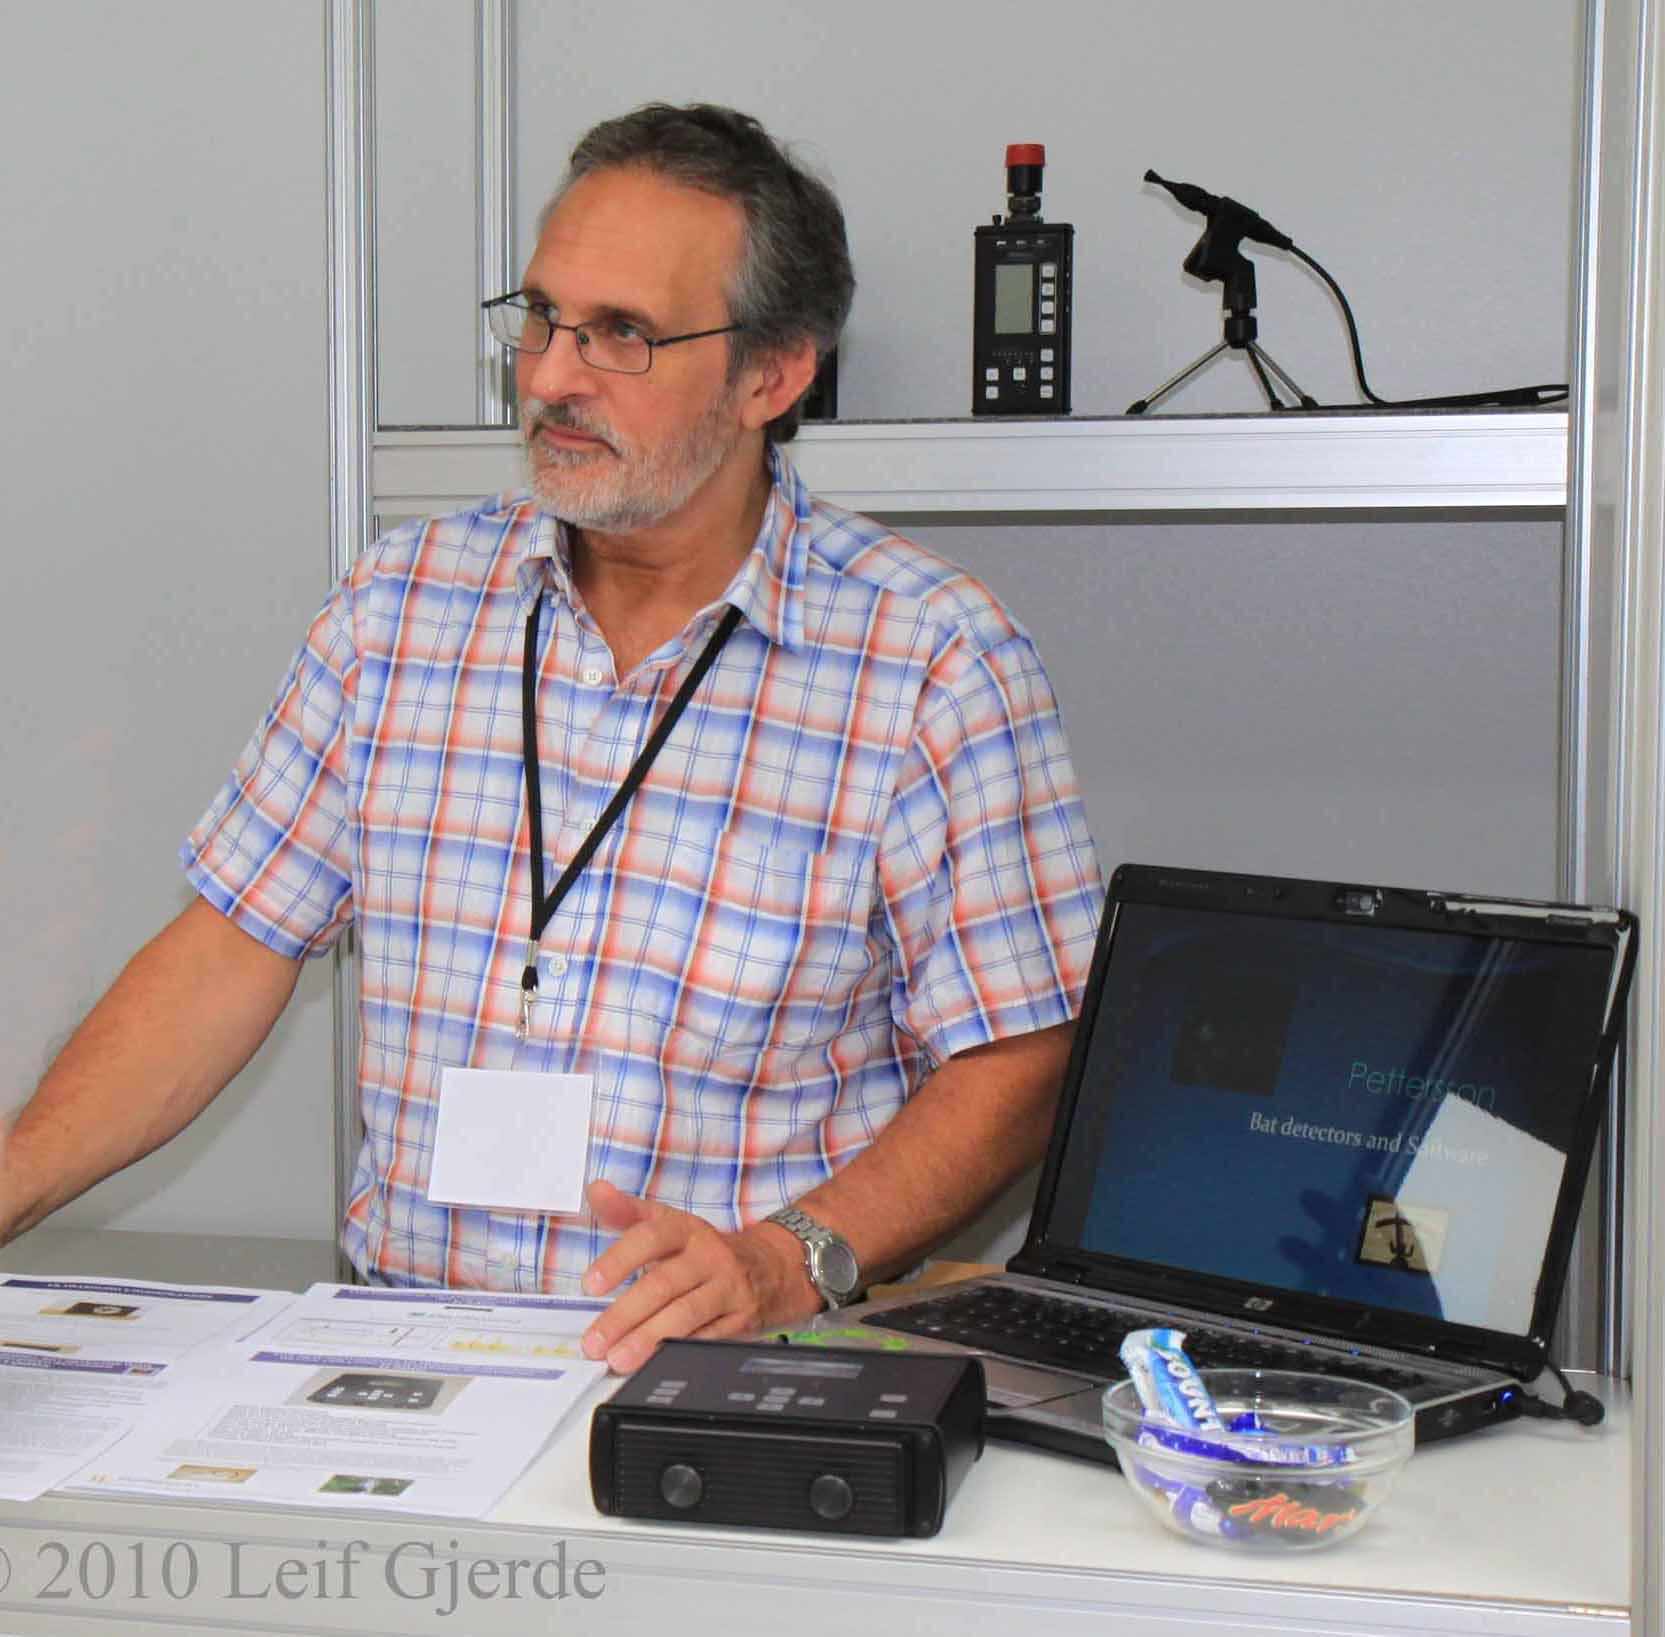 Lars-Pettersson_IntBatResearchConf_Praha2010drec